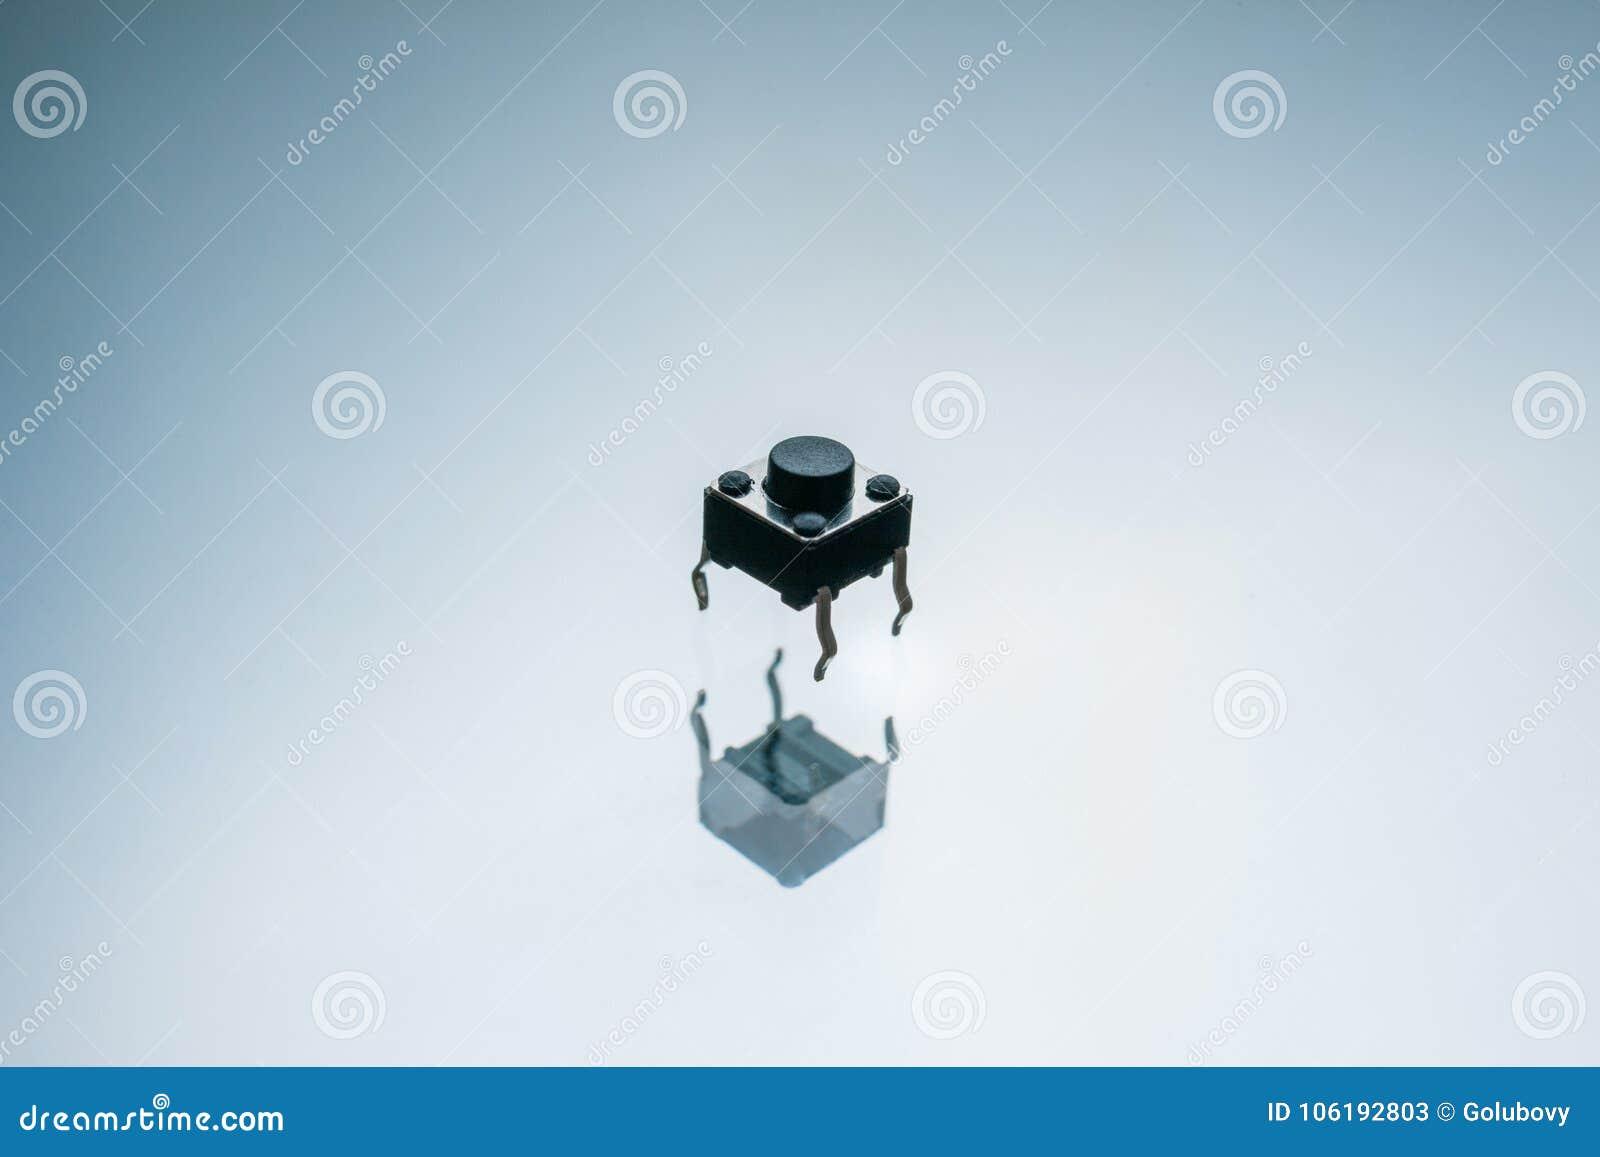 Schwarzes elektronisches Knopf-Antriebselement